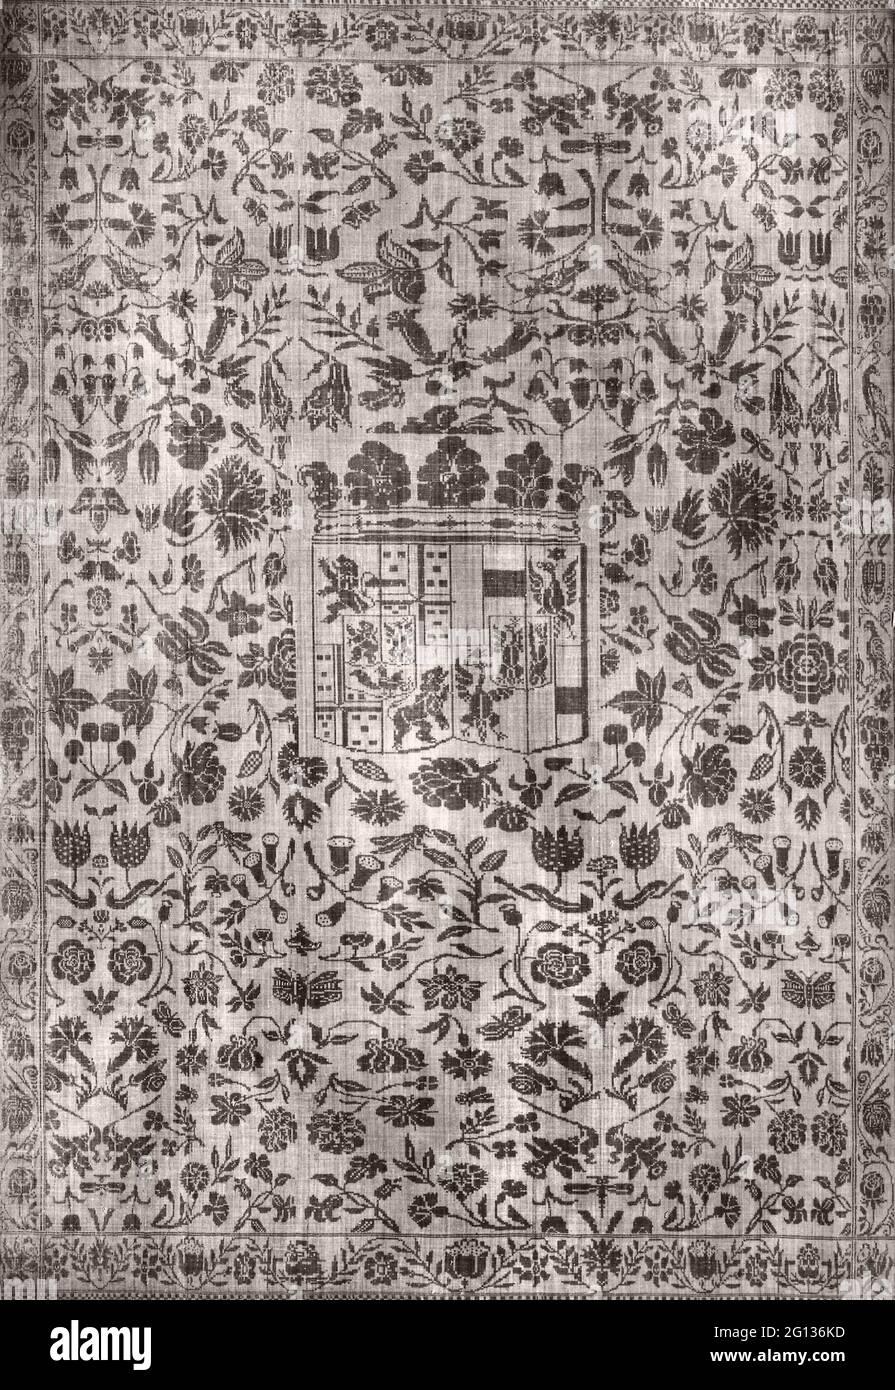 Serviette de table - c. 1665 - Nord des pays-Bas, Château Nienoor (provenance de Groningen) près de Midwolde où ils ont été enterrés près de l'église. Lin, satin Banque D'Images